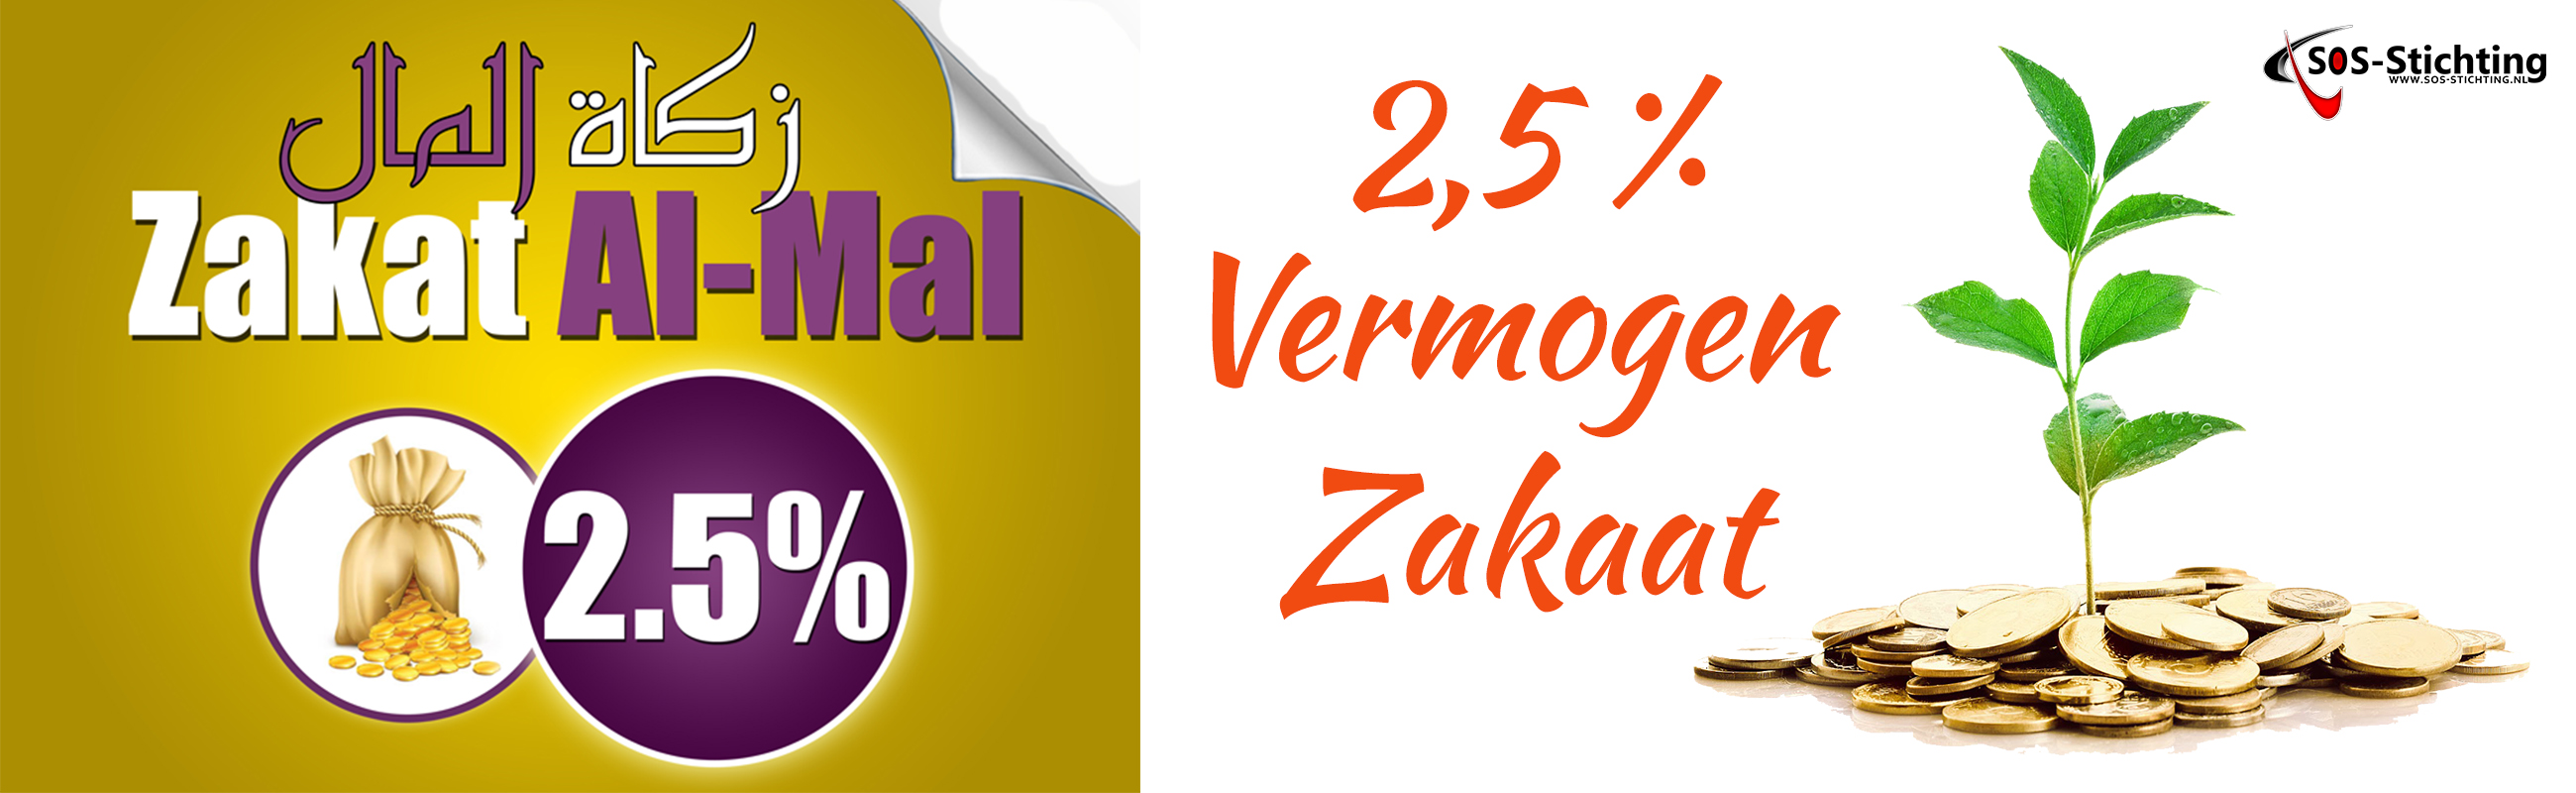 Banner vermogen Zakat mal nieuwe site